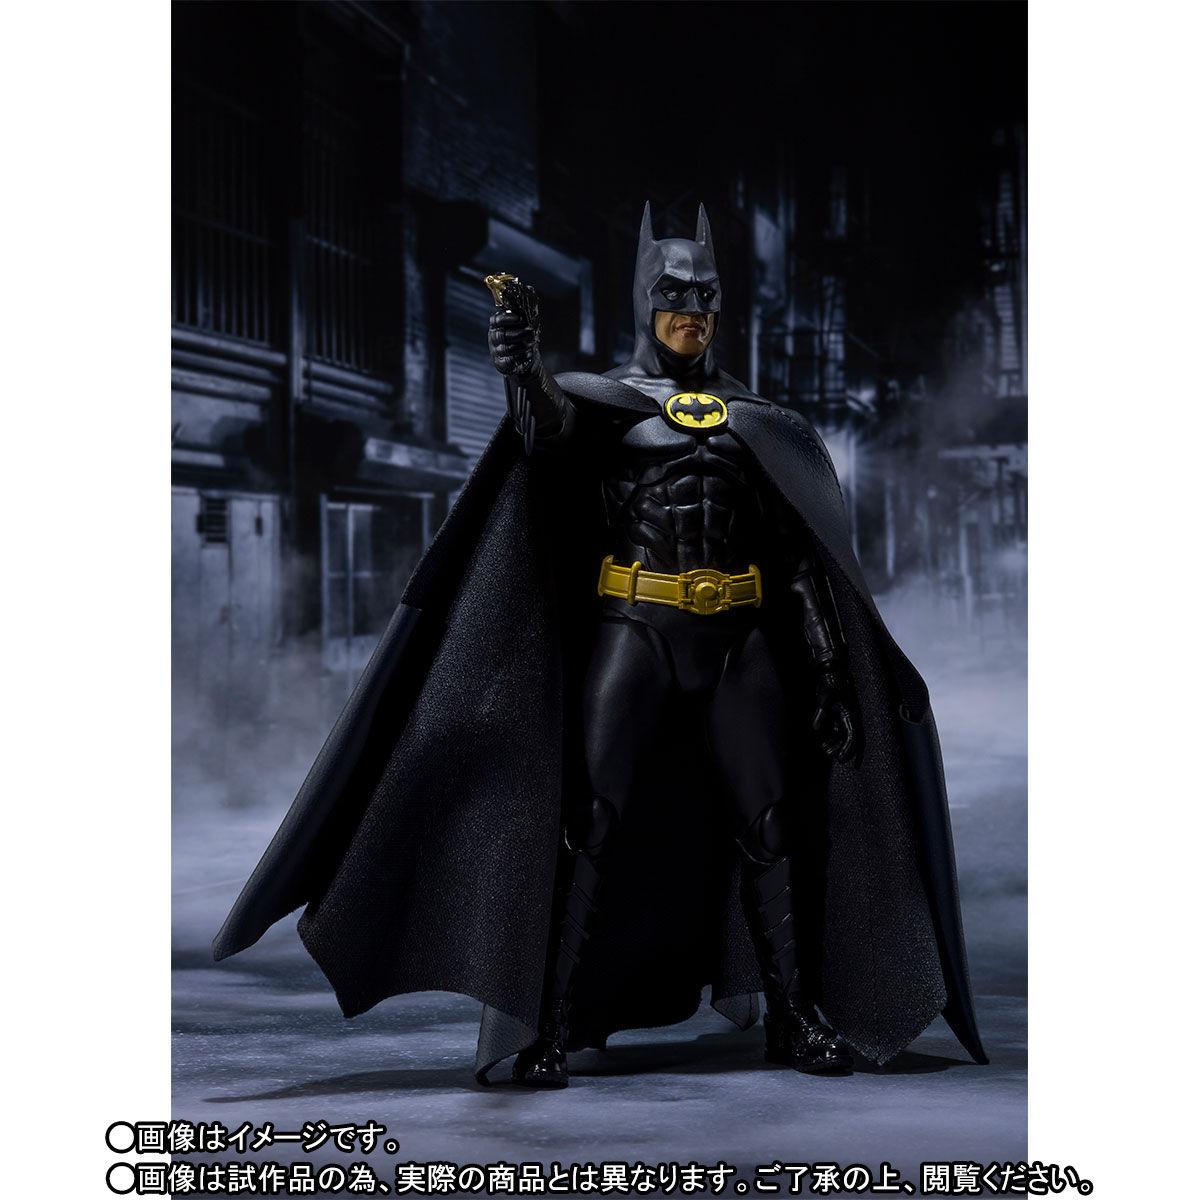 【限定販売】S.H.Figuarts『バットマン(BATMAN 1989)』可動フィギュア-008